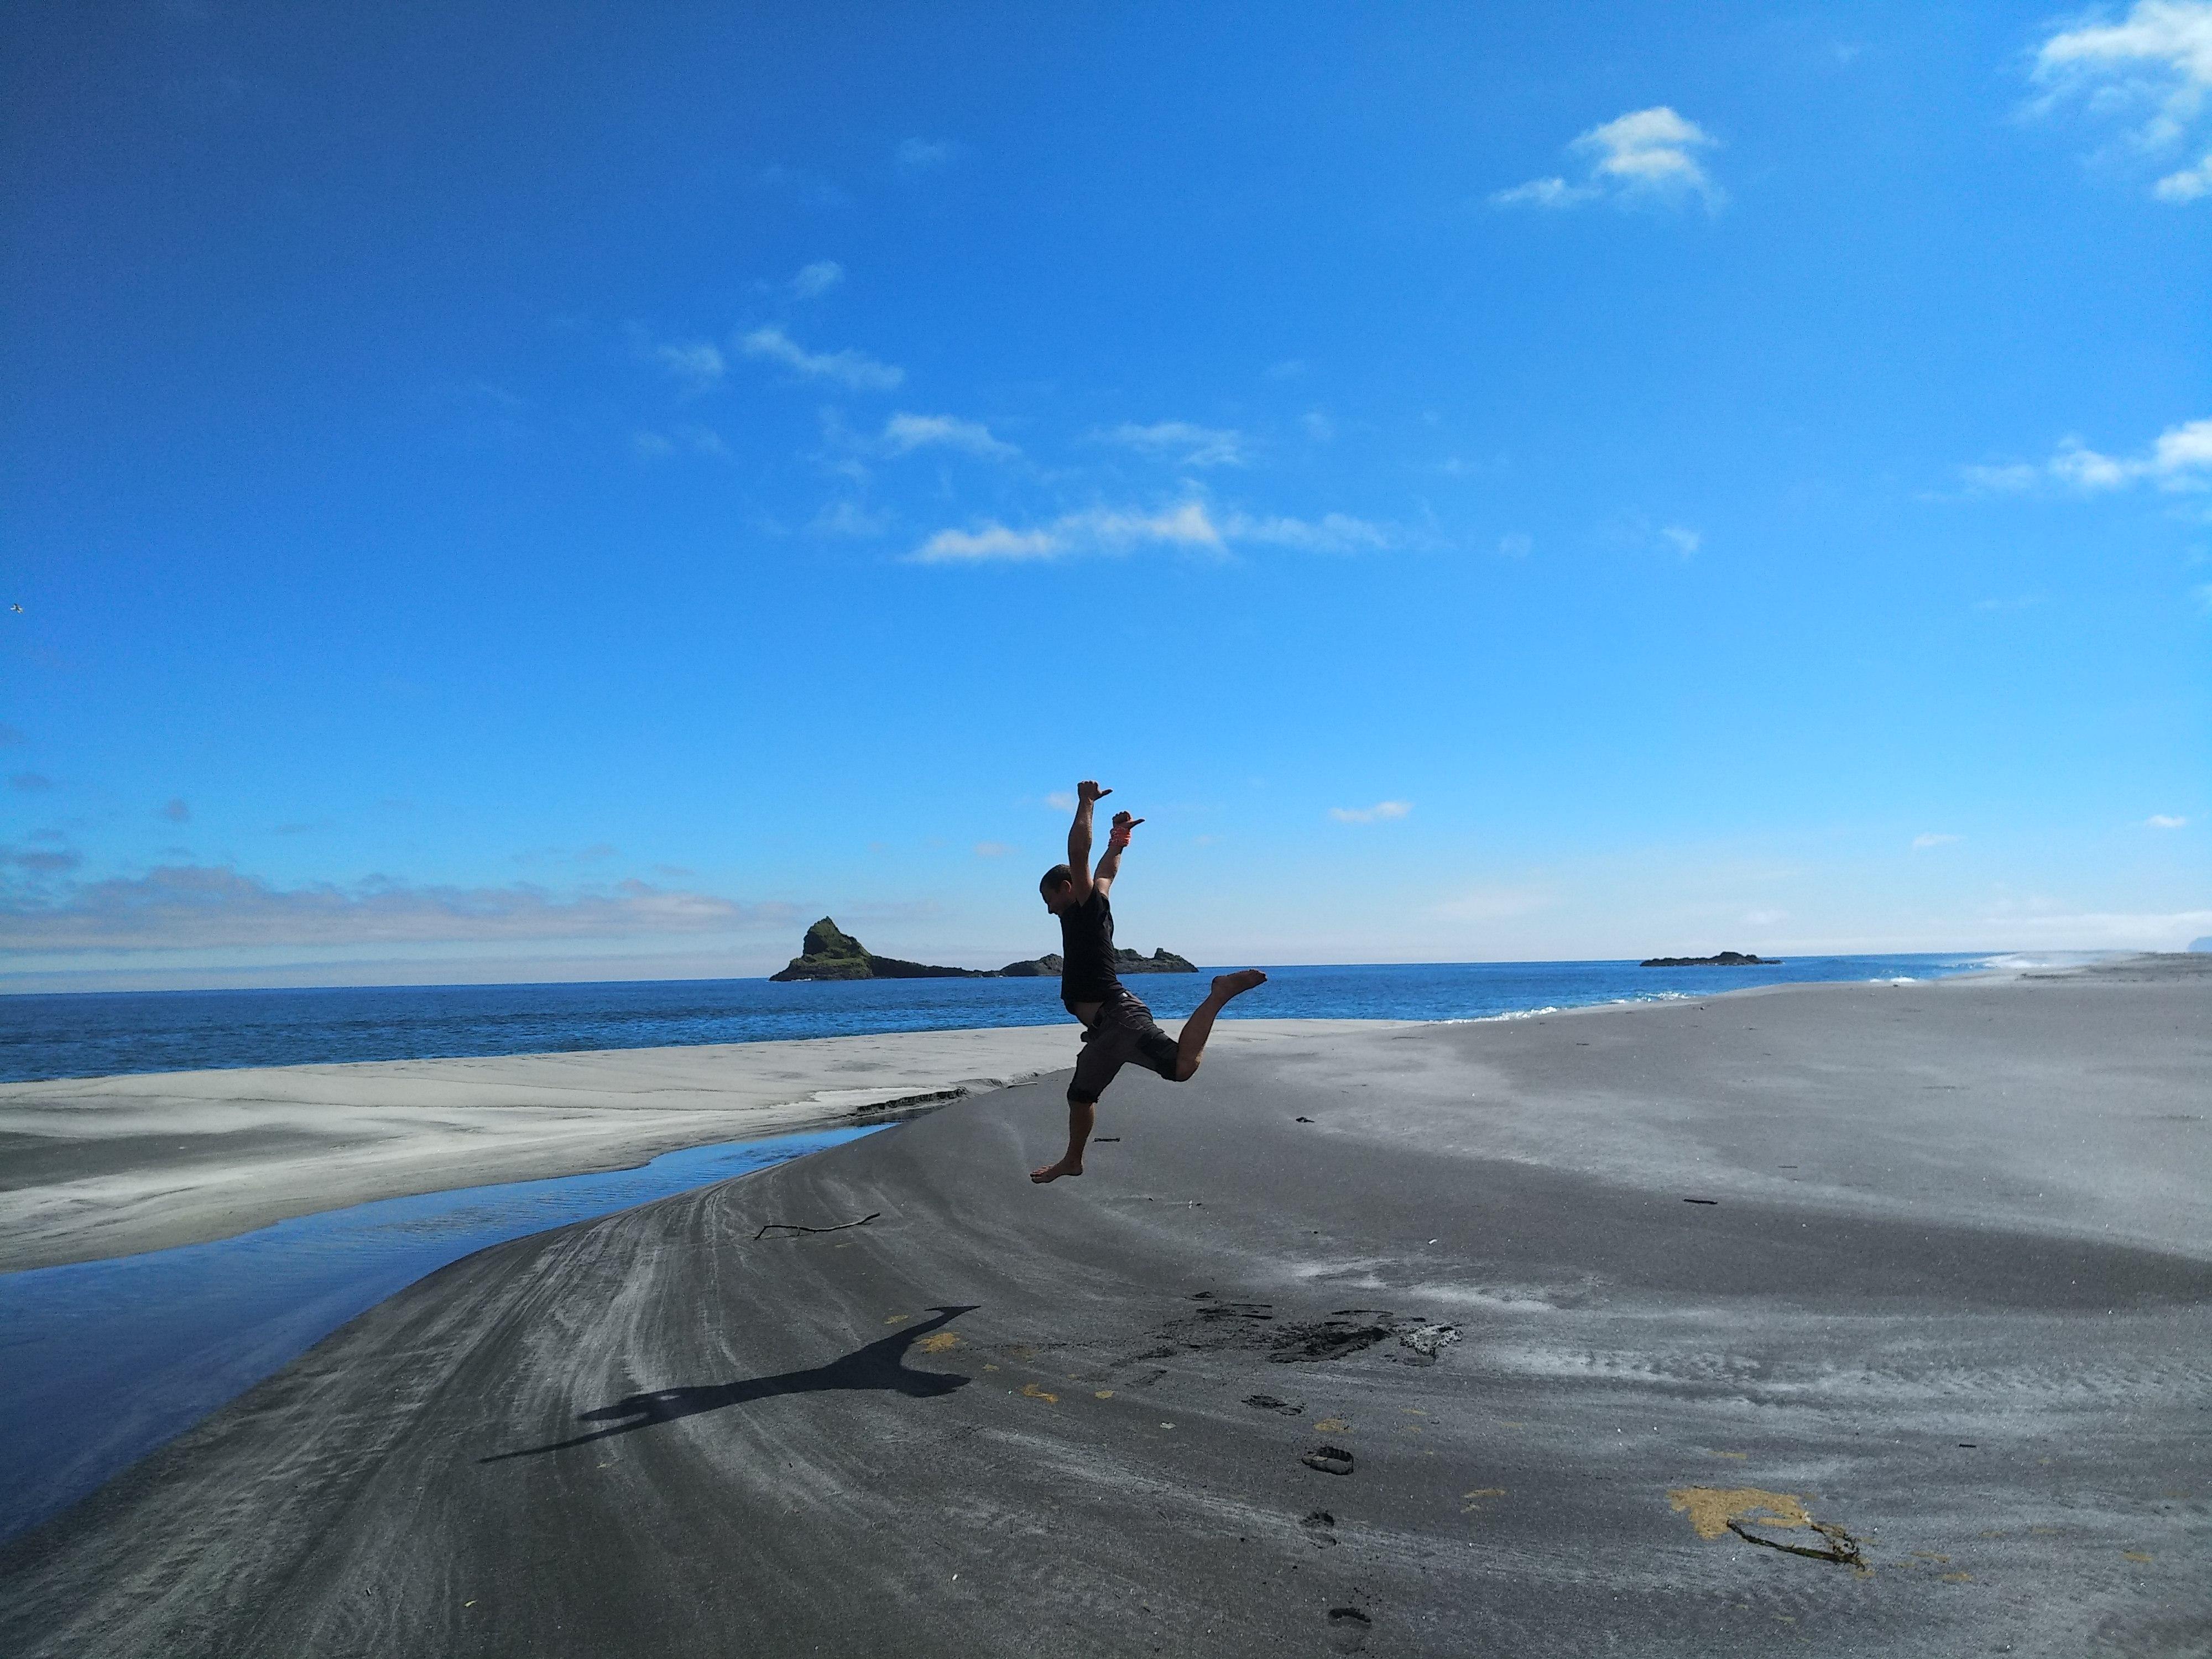 тихий океан остров Итуруп 2020 лето